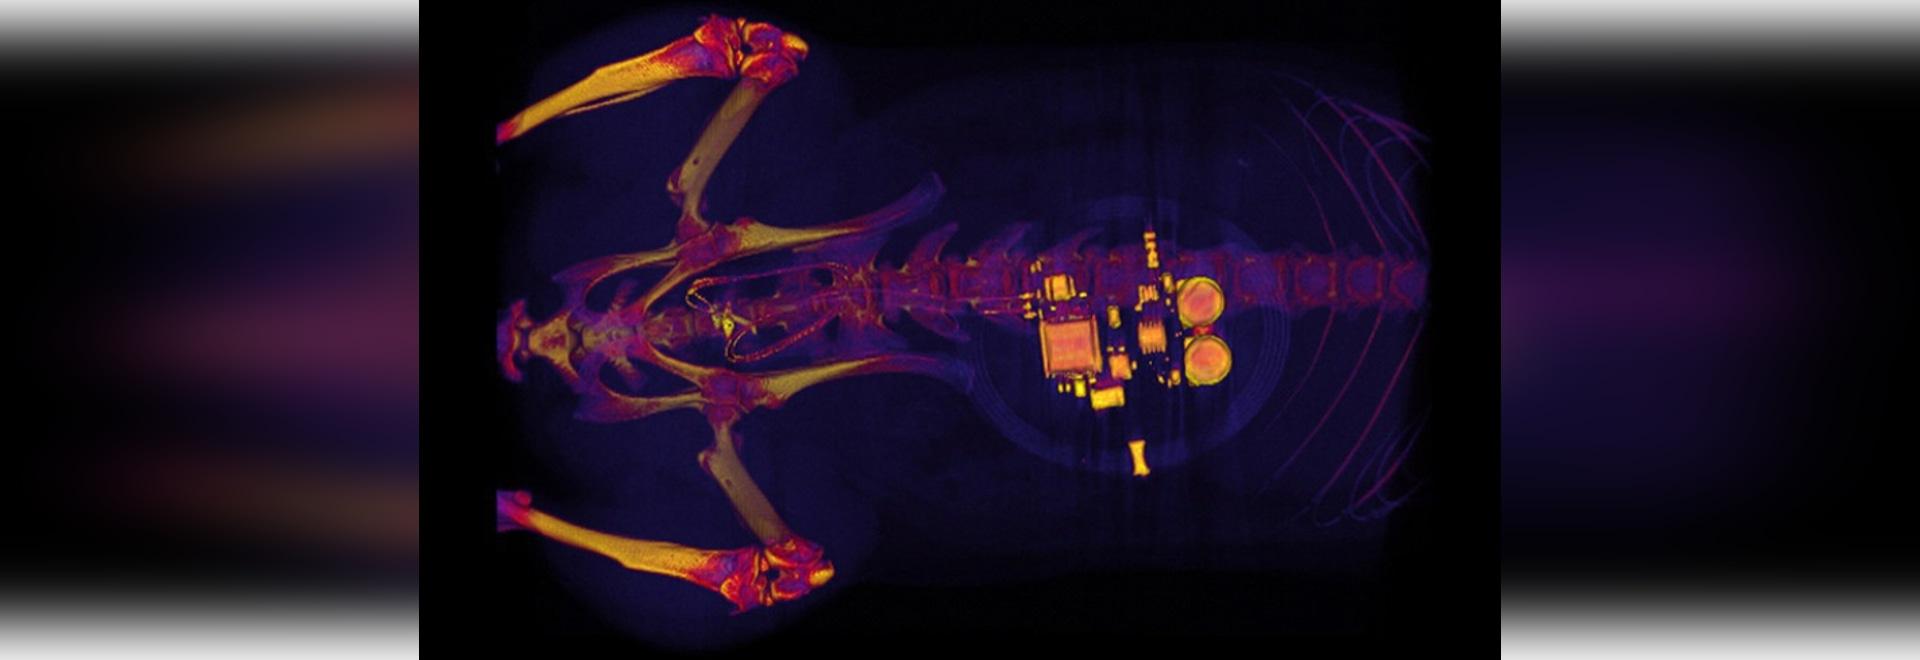 L'implant commande la vessie trop active utilisant des lumières de LED